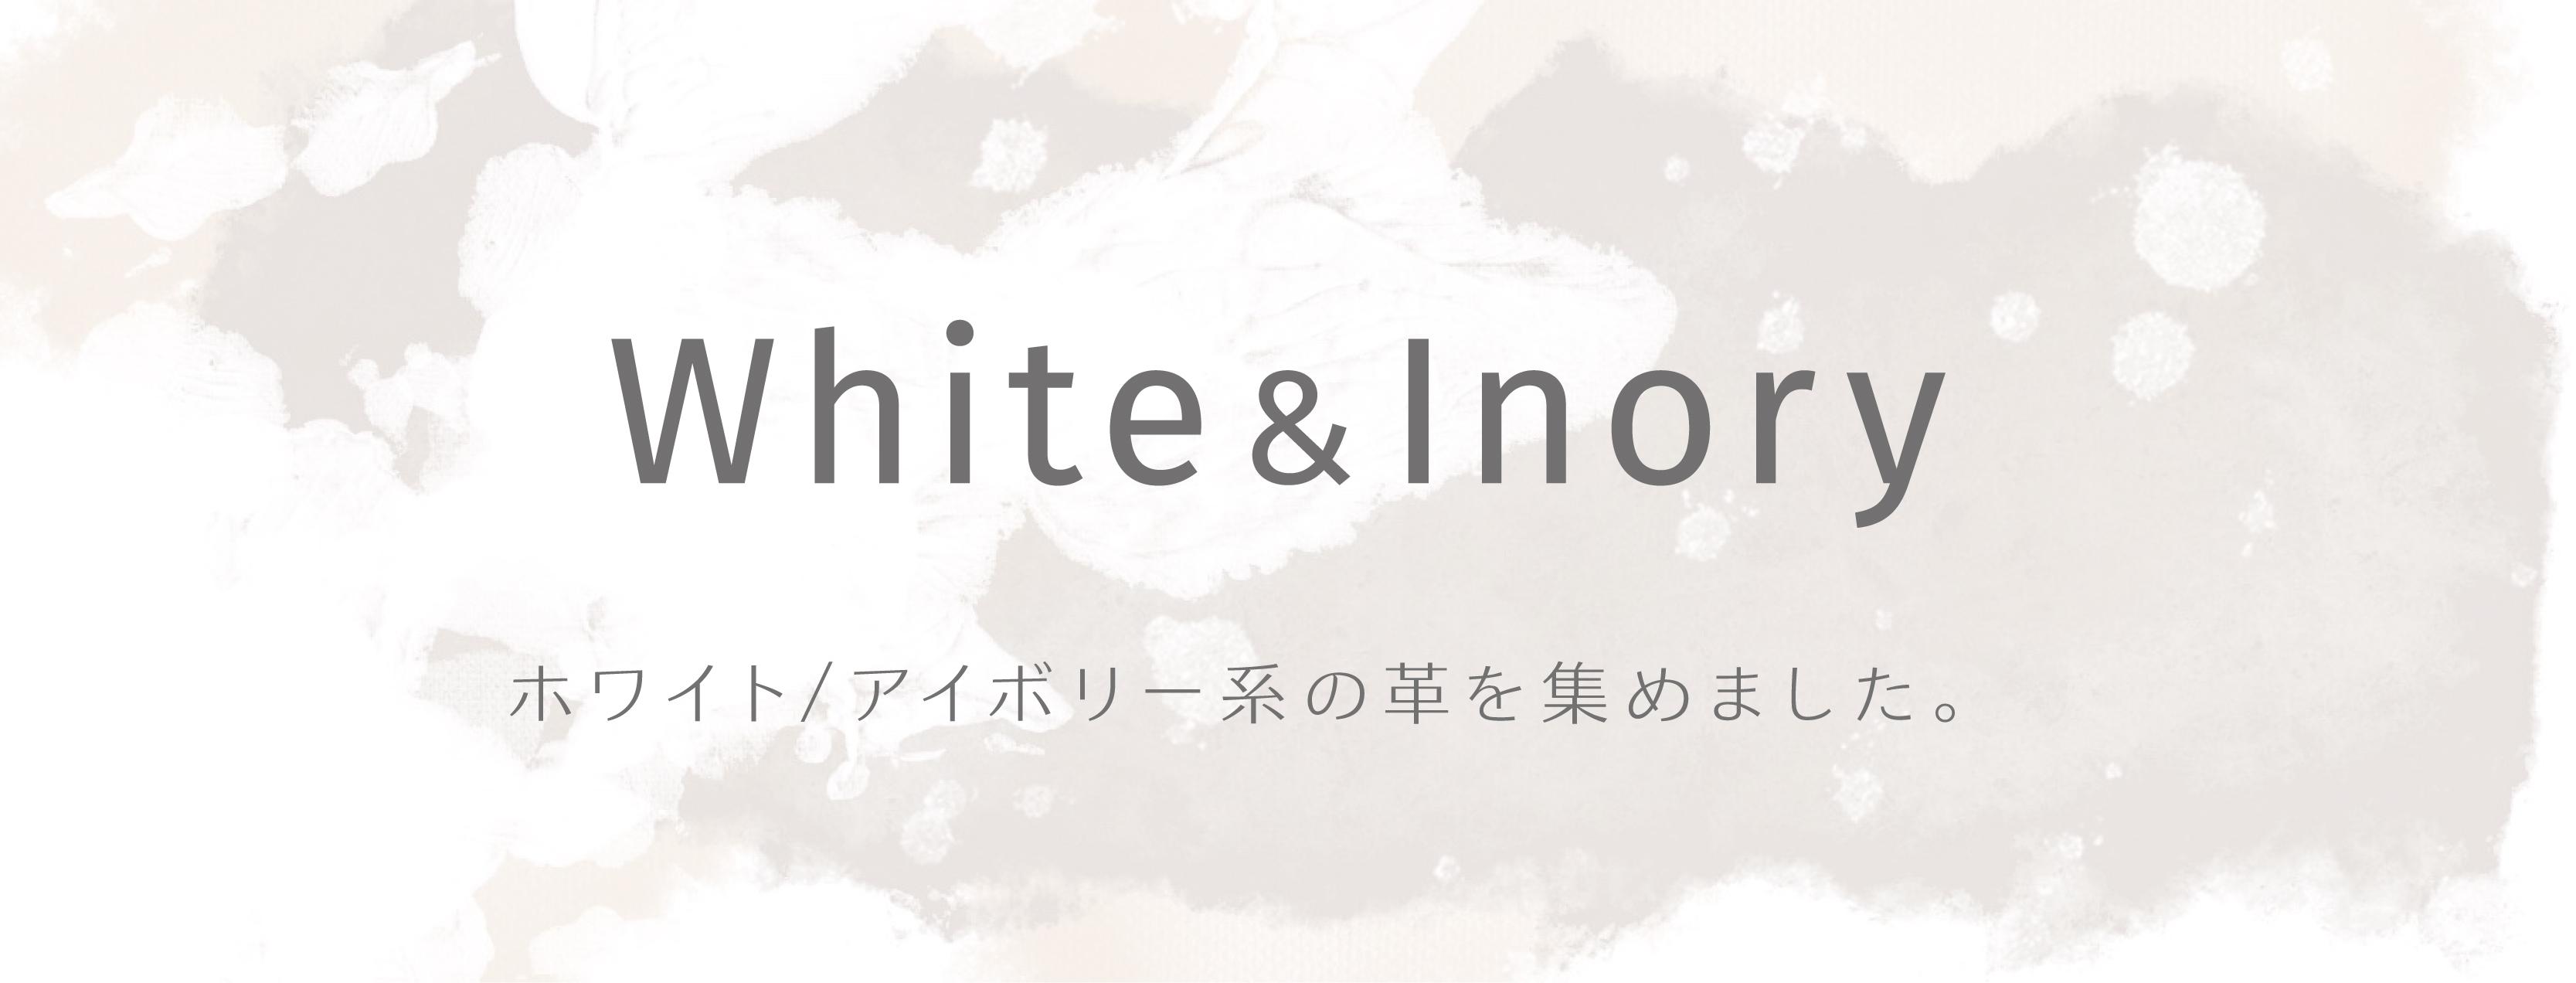 ホワイト / アイボリー系の革を集めました。